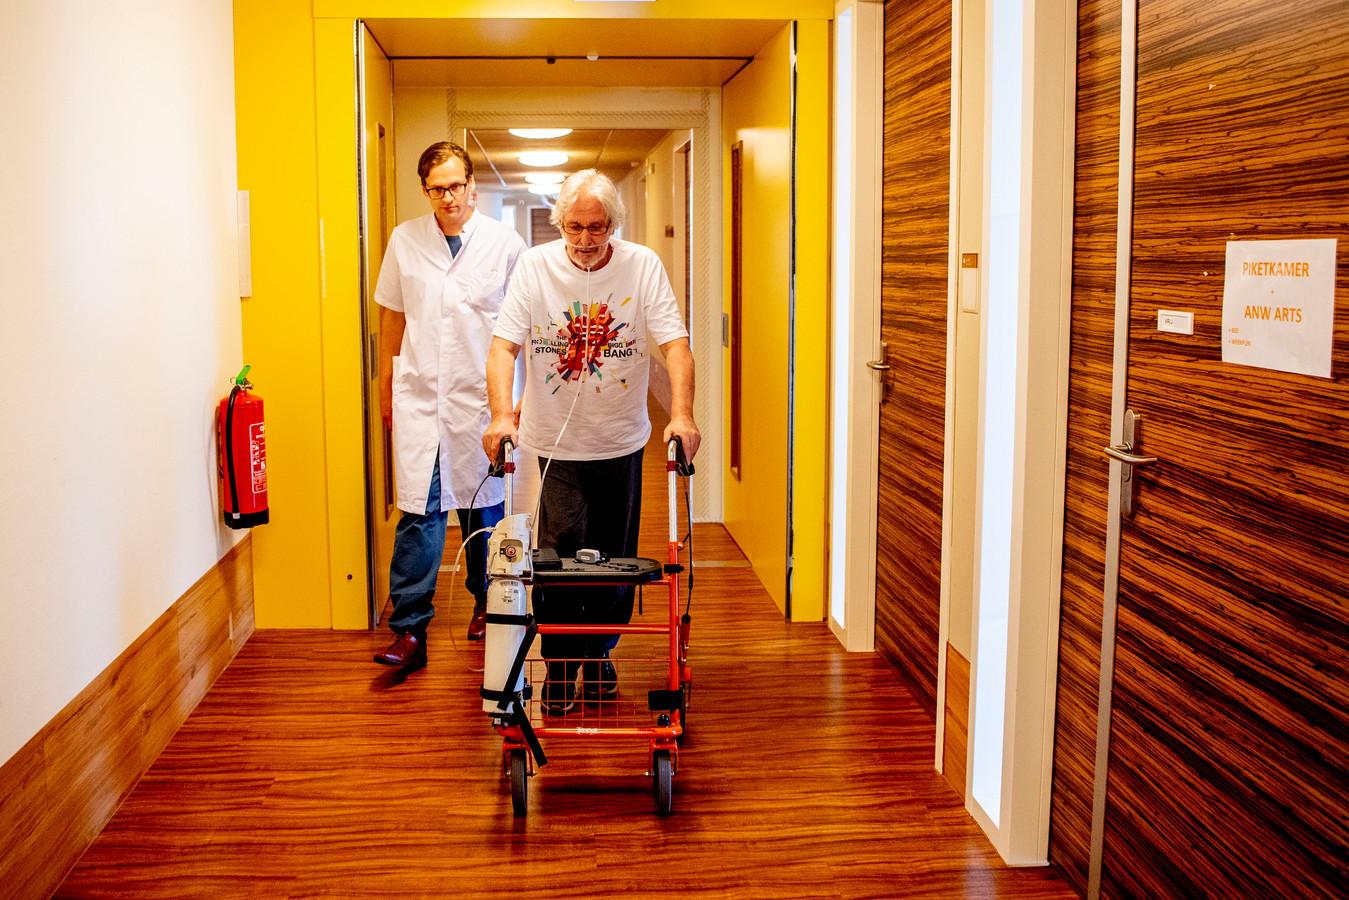 Aad Moerman oefent met een rollator in de gangen van revalidatiecentrum Basalt in Den Haag.